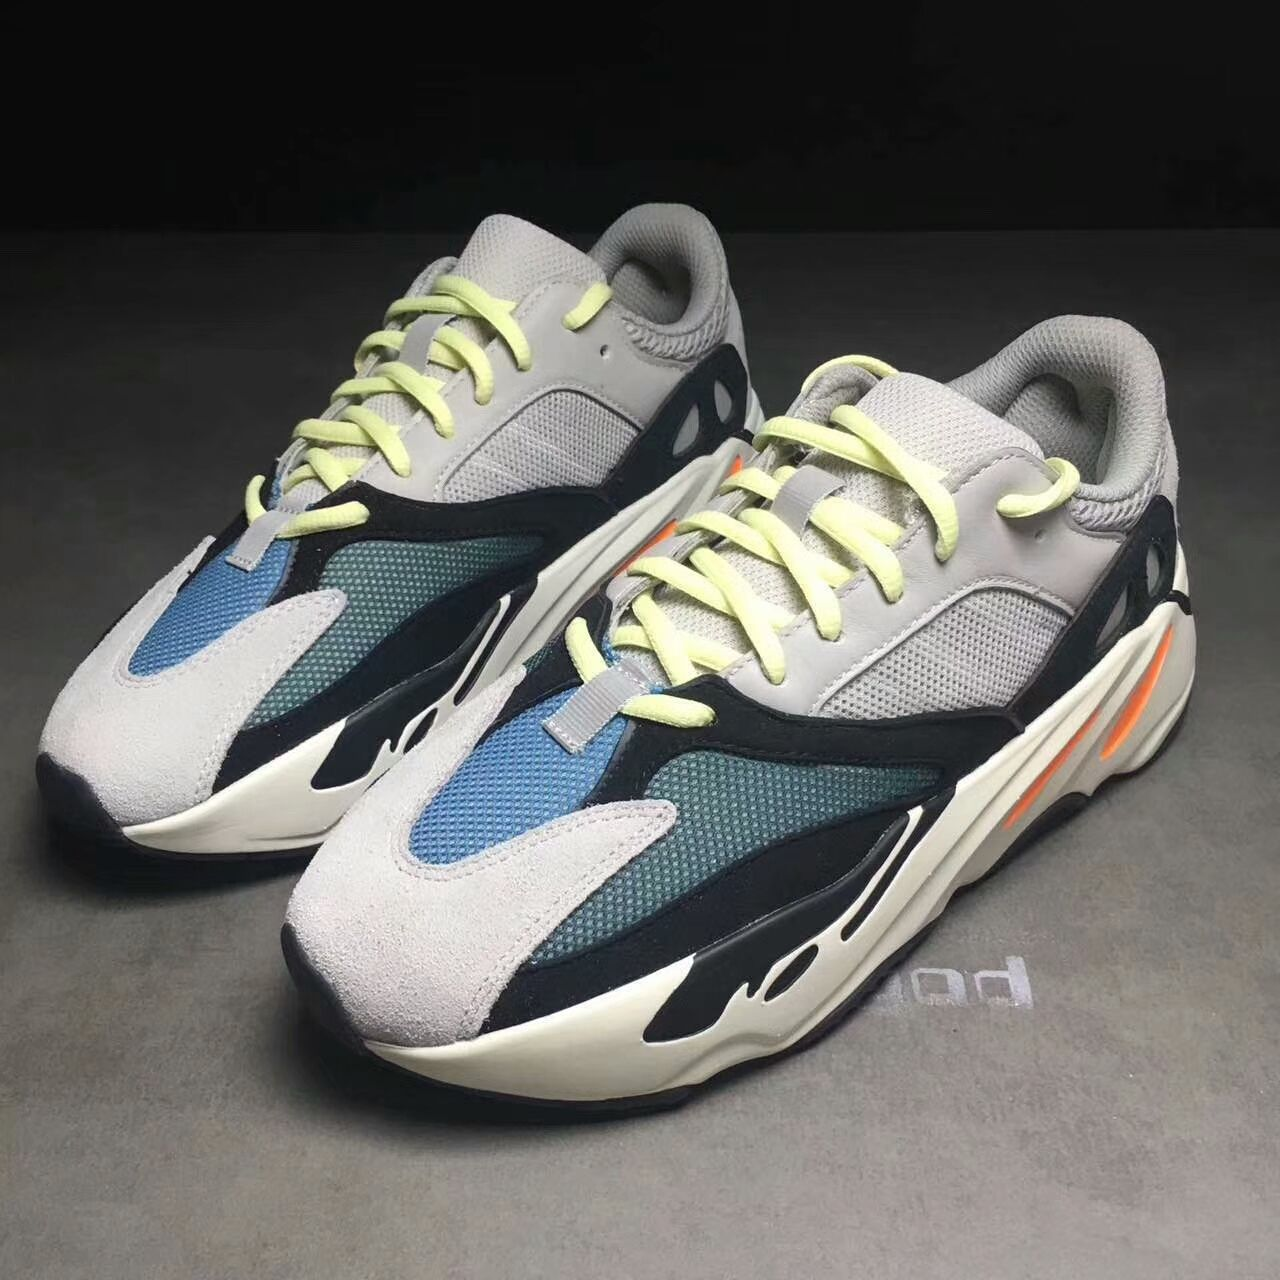 70284d6674a08 adidas Yeezy Boost 700 Runner   Size 36 - 48